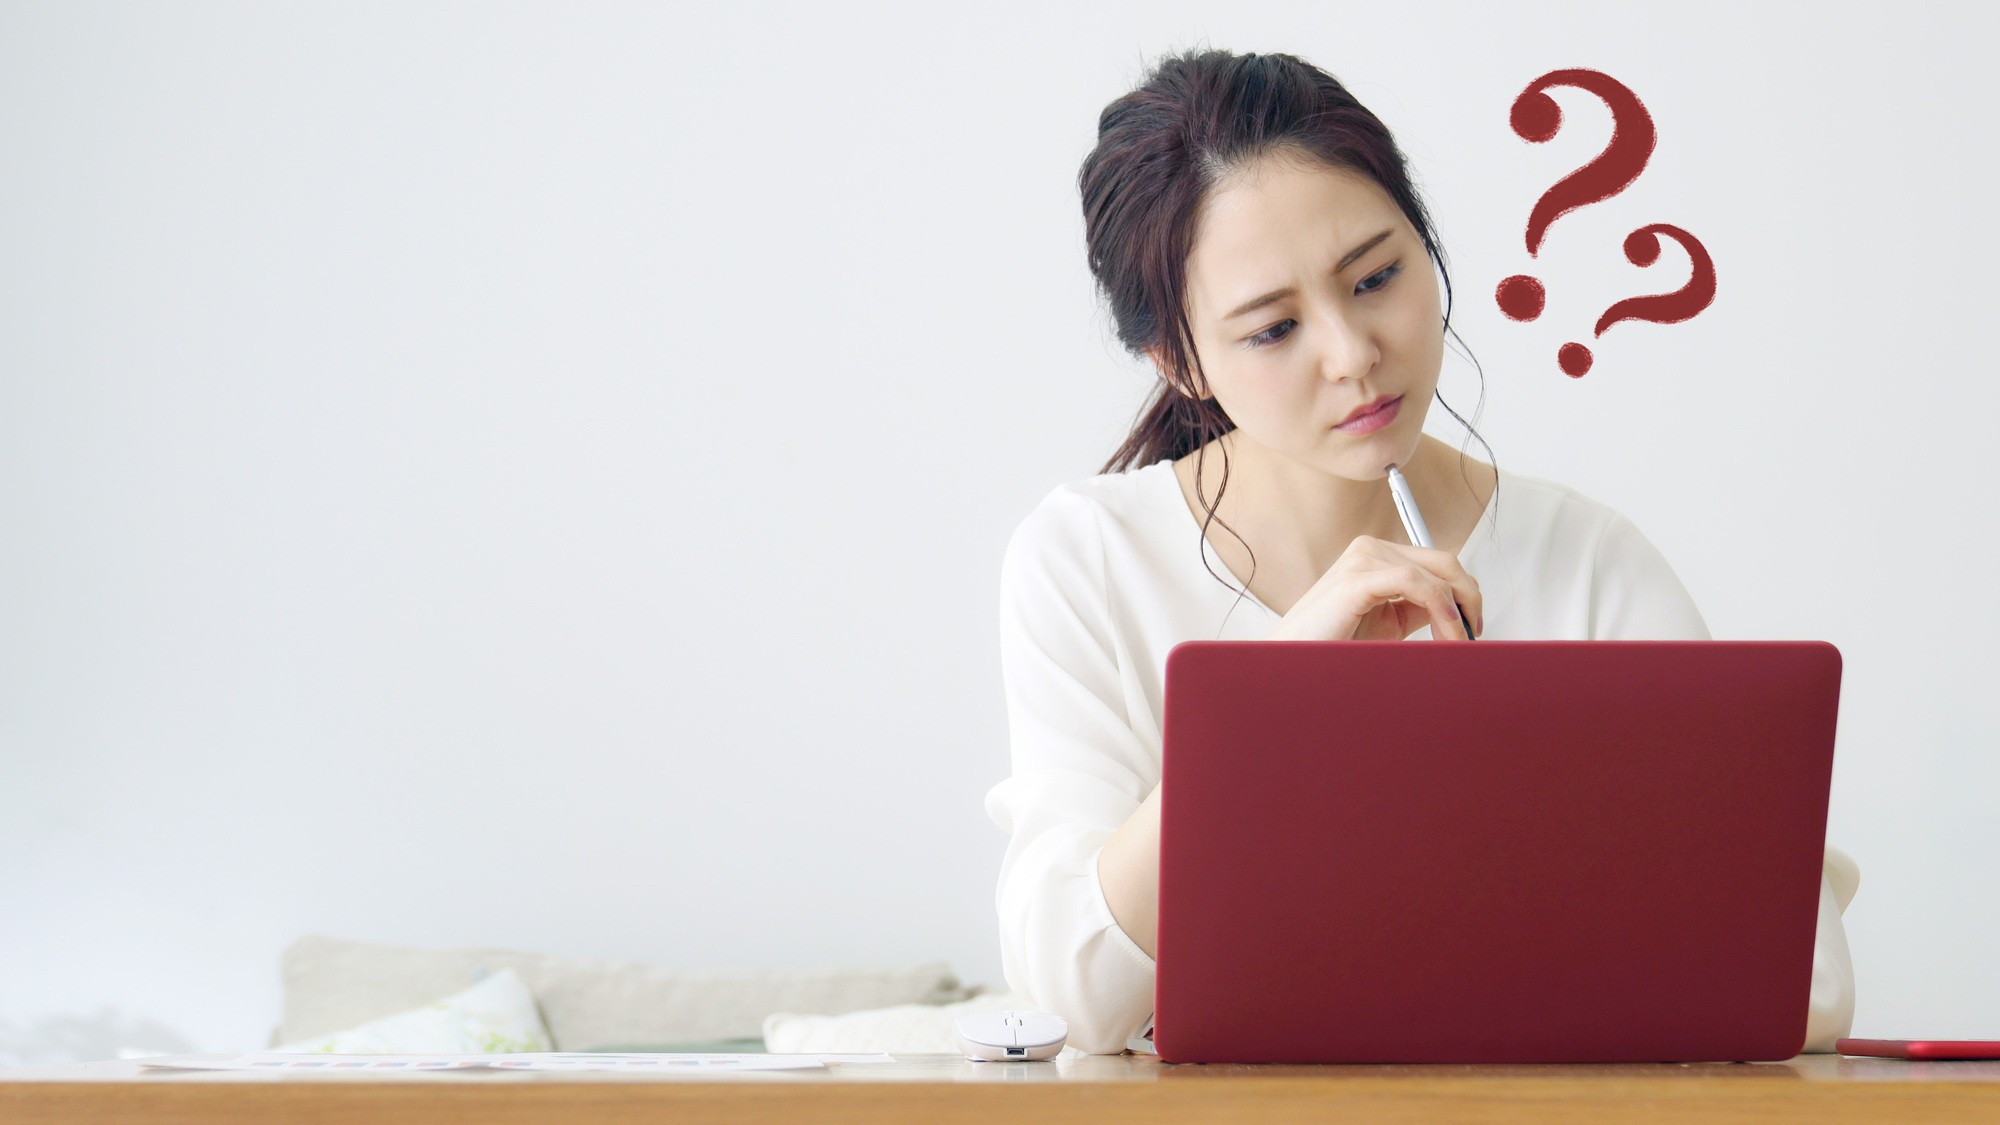 株式会社サイトビジットって大丈夫?資格取得を目指す人が受講前に確認すべき注意点